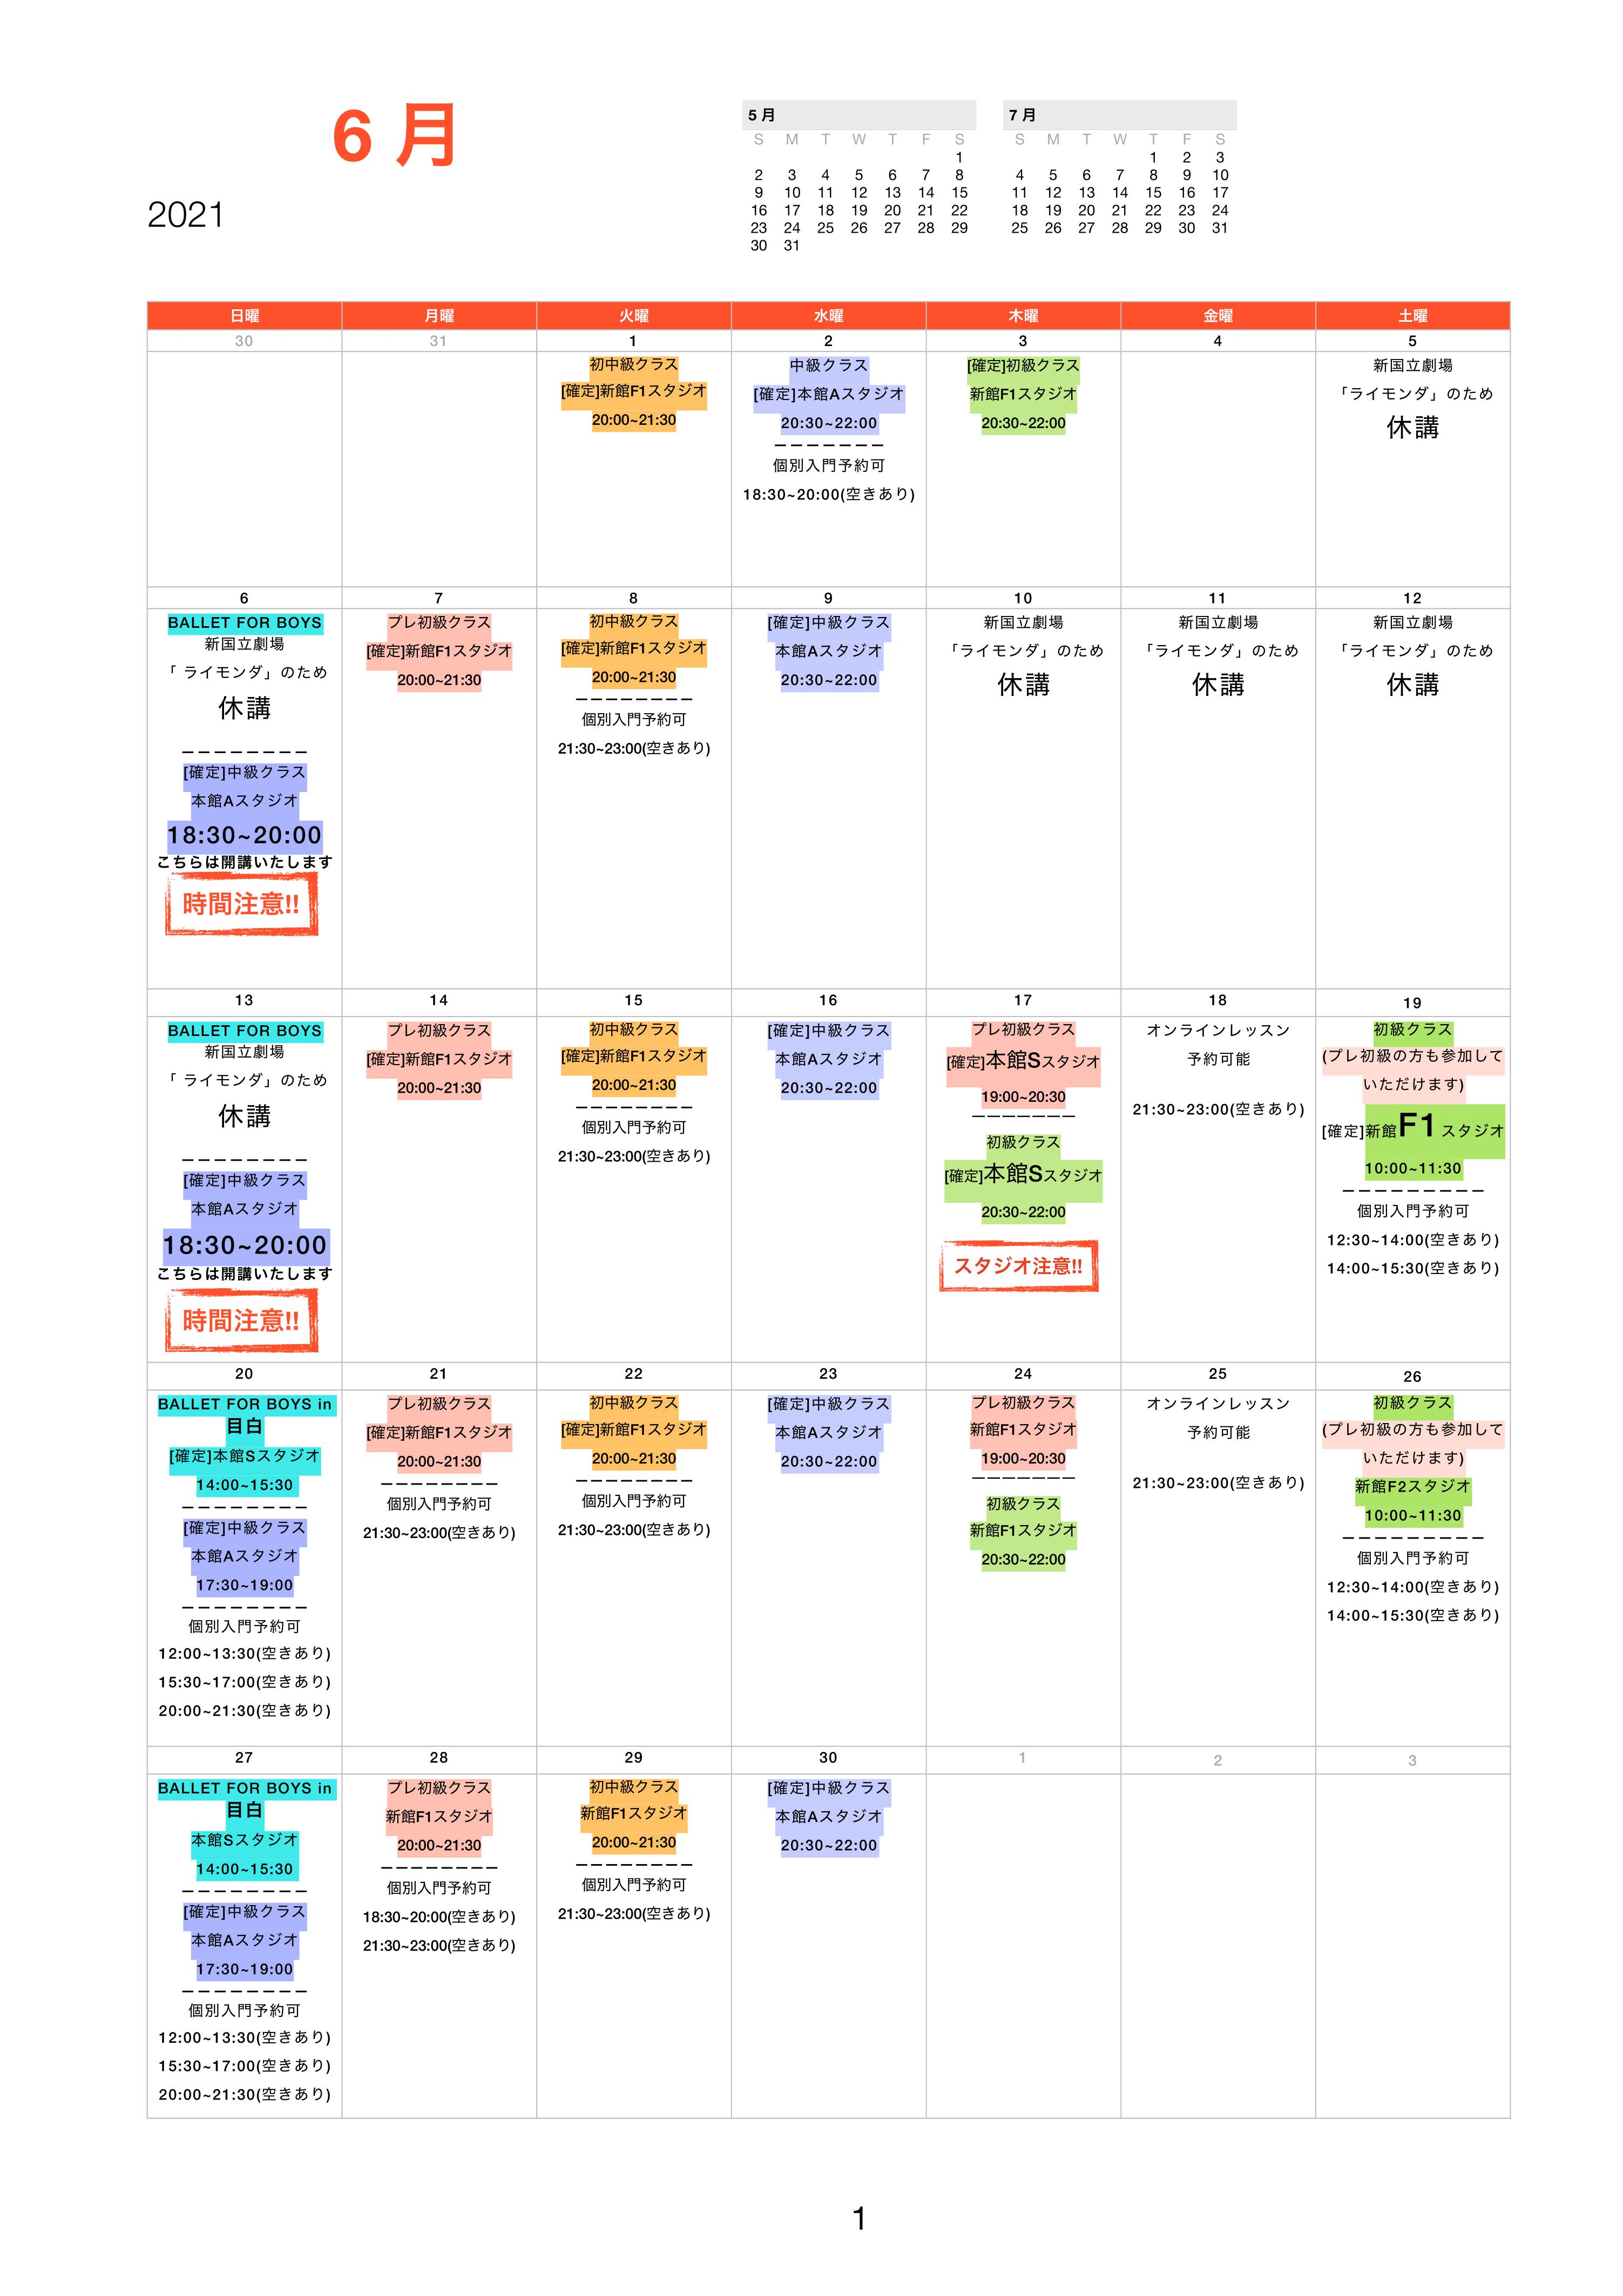 BFMsch2021:6v2-1